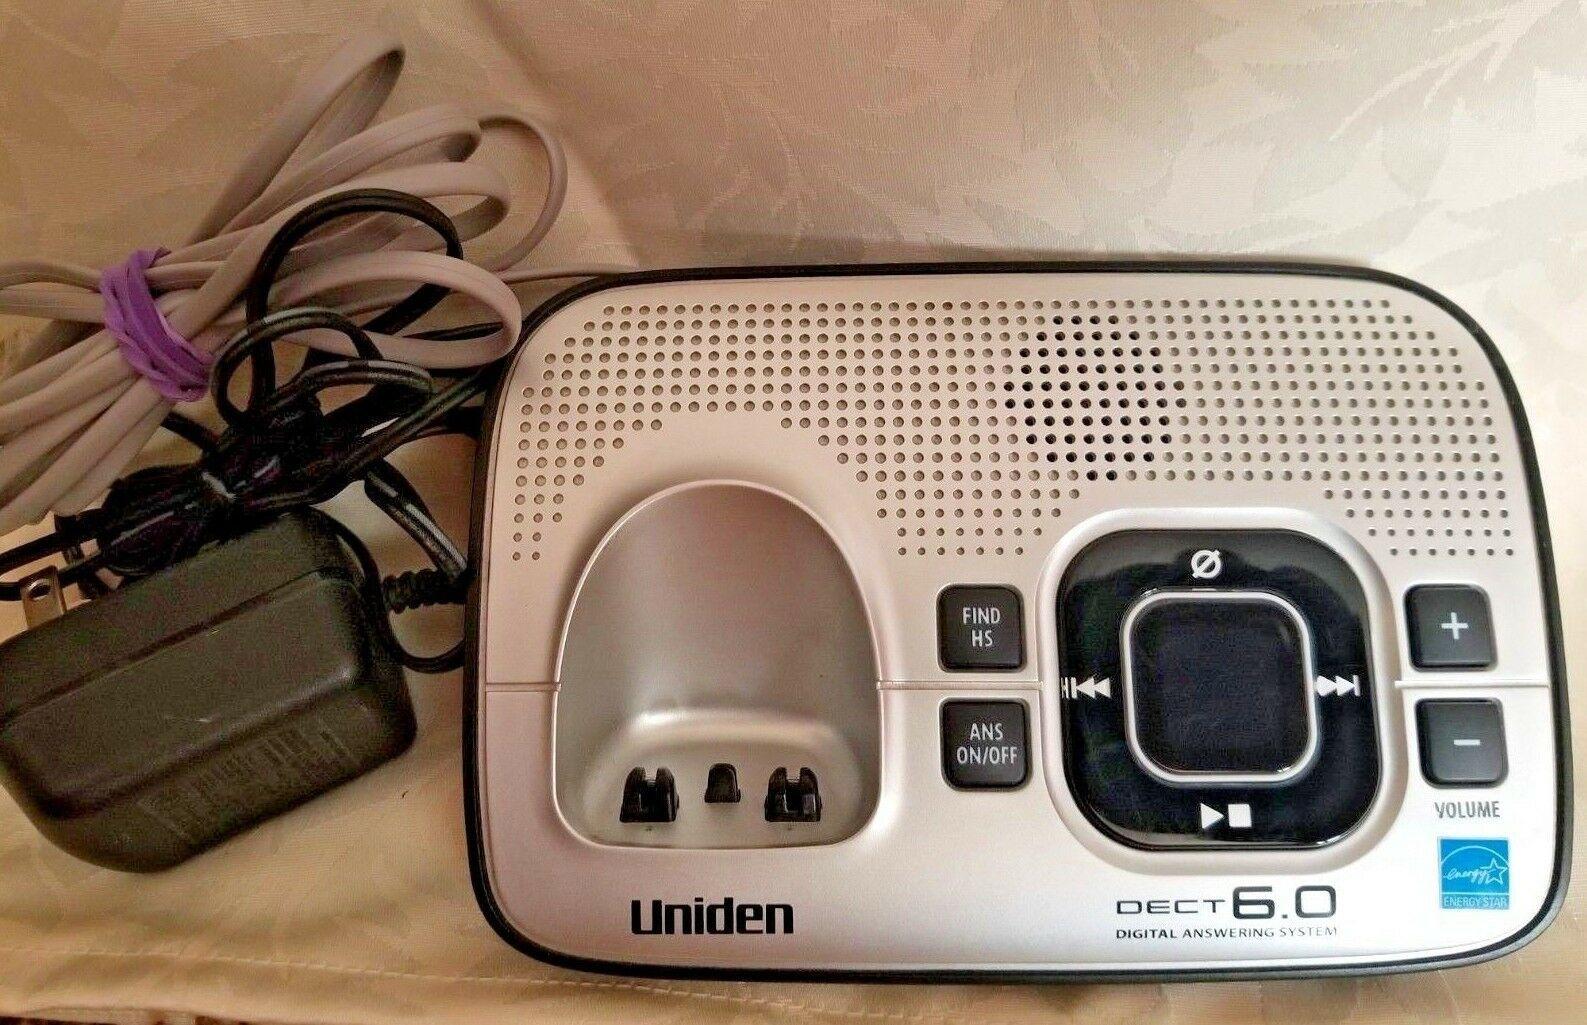 Uniden D1680 1.9 GHz Single Line Cordless Phone image 4